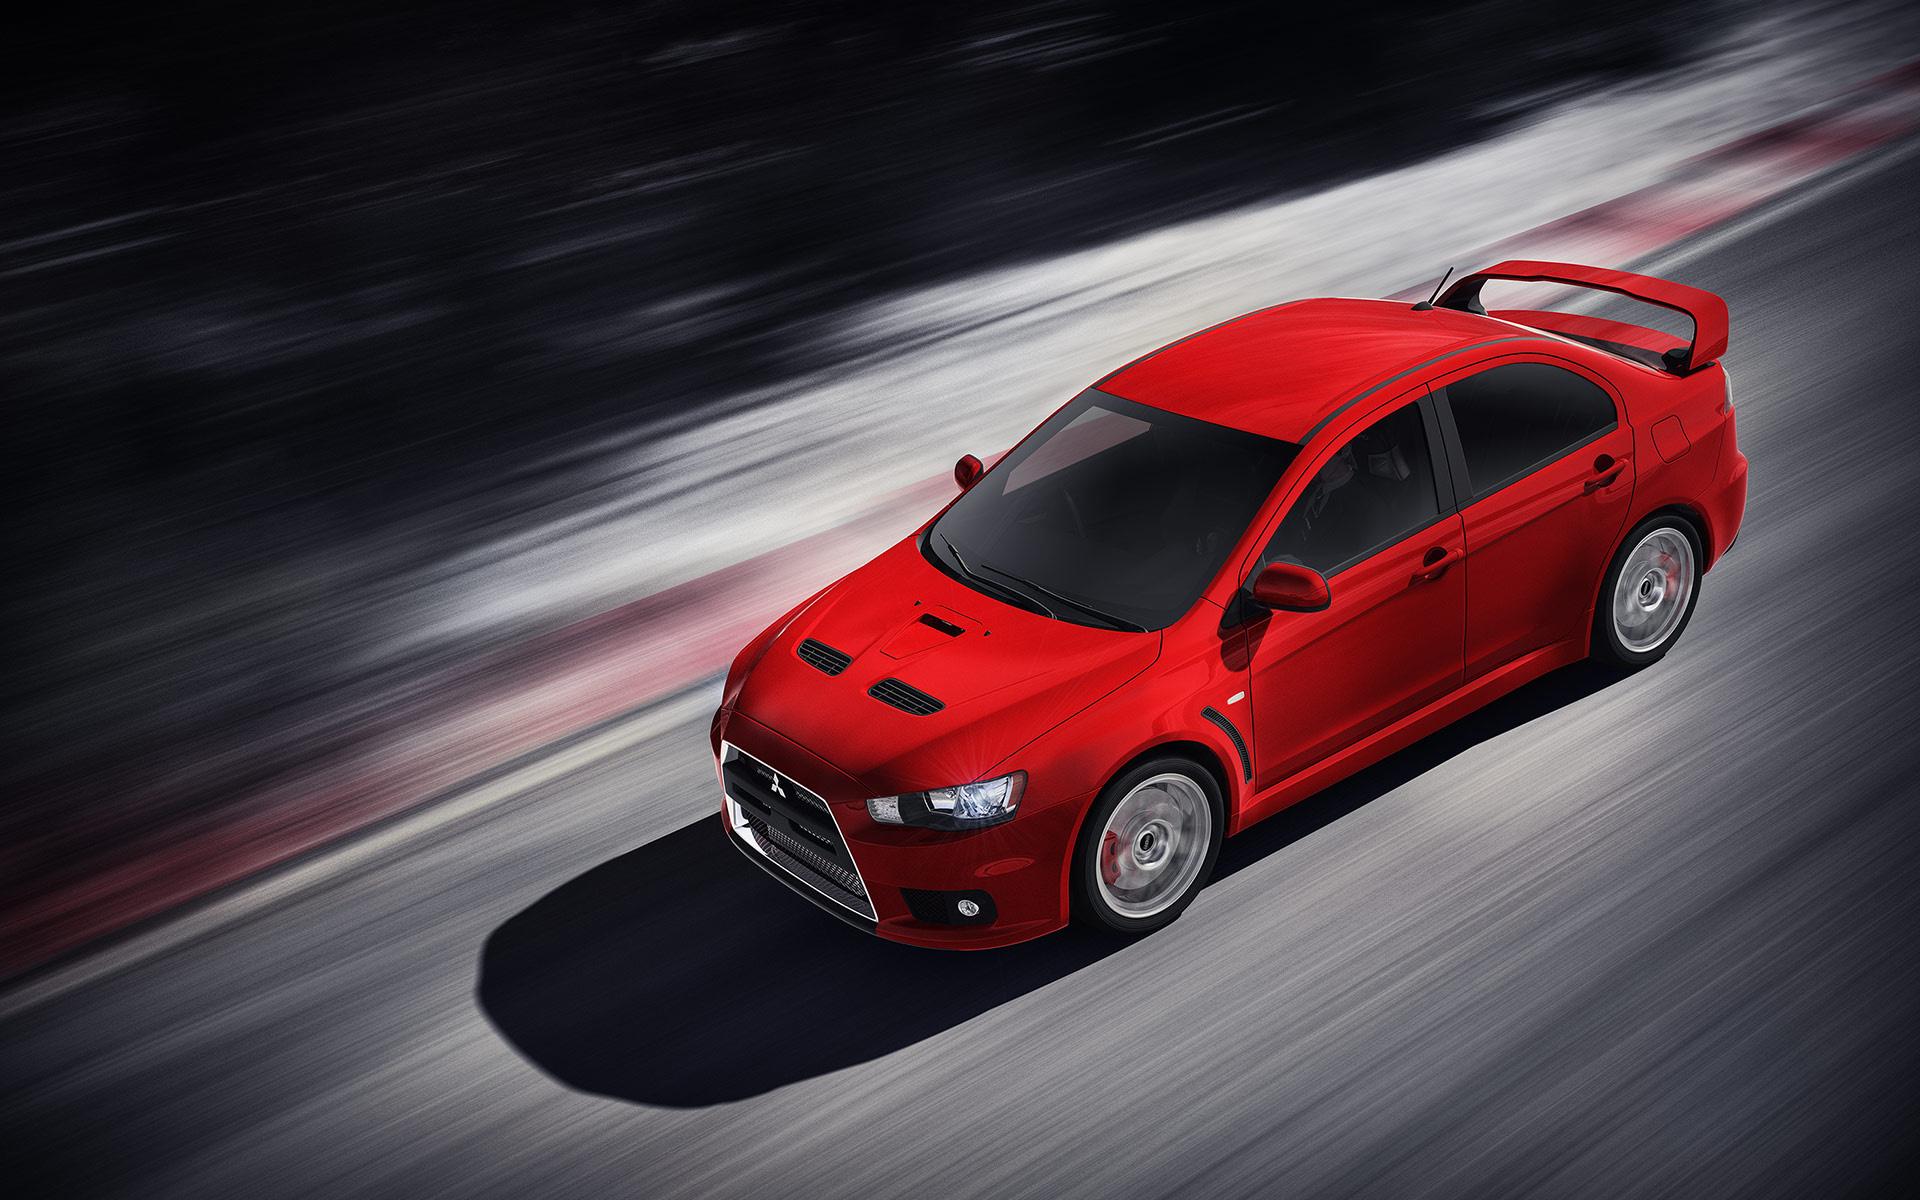 Red jaguar car wallpaper hd